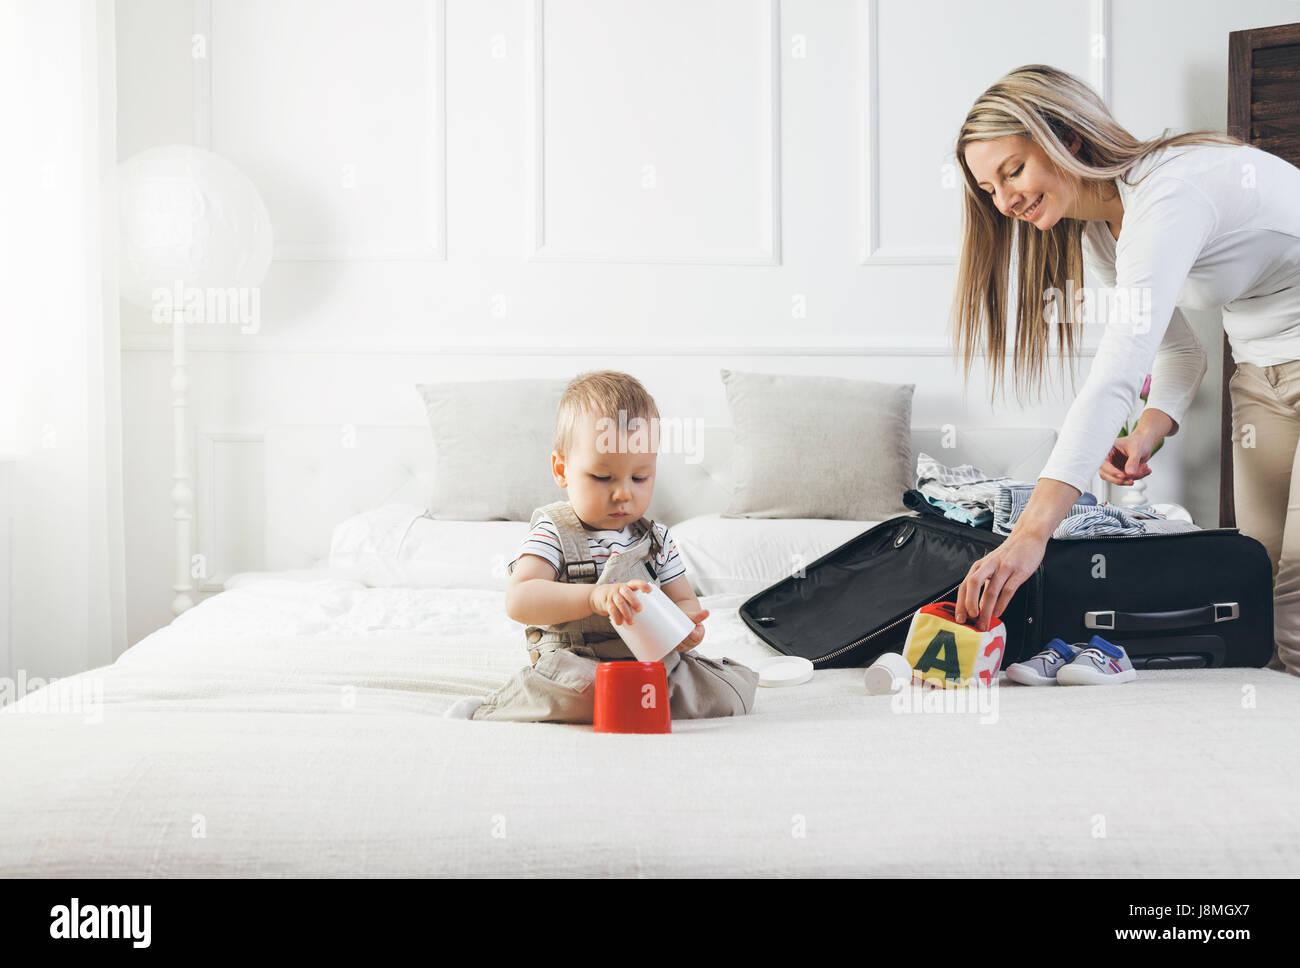 Viaggiare con i bambini. Felice madre con il suo bambino abiti di imballaggio per le proprie vacanze Immagini Stock